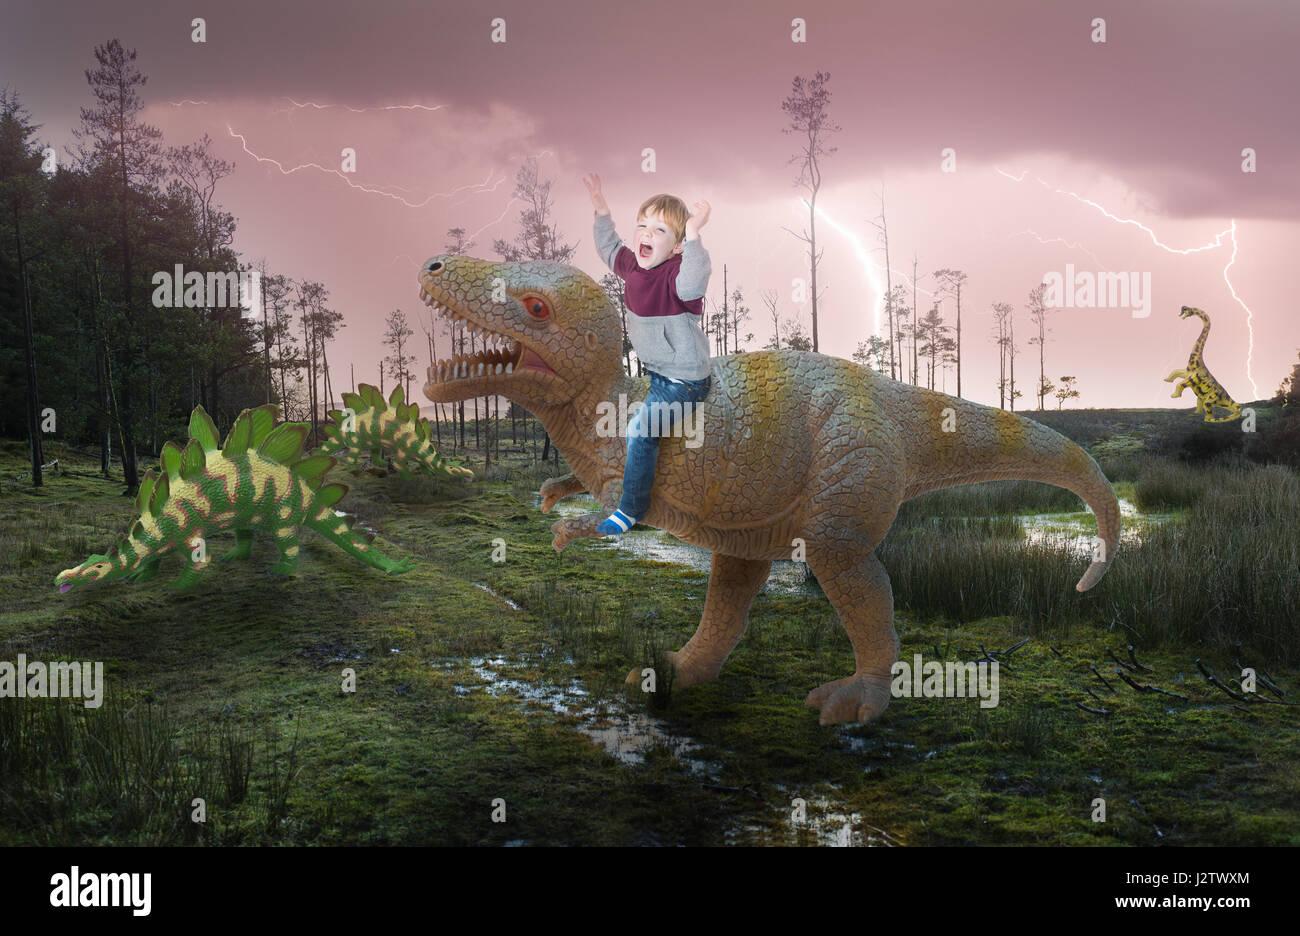 La fantasia di un ragazzino a cavallo su un dinosauro Immagini Stock